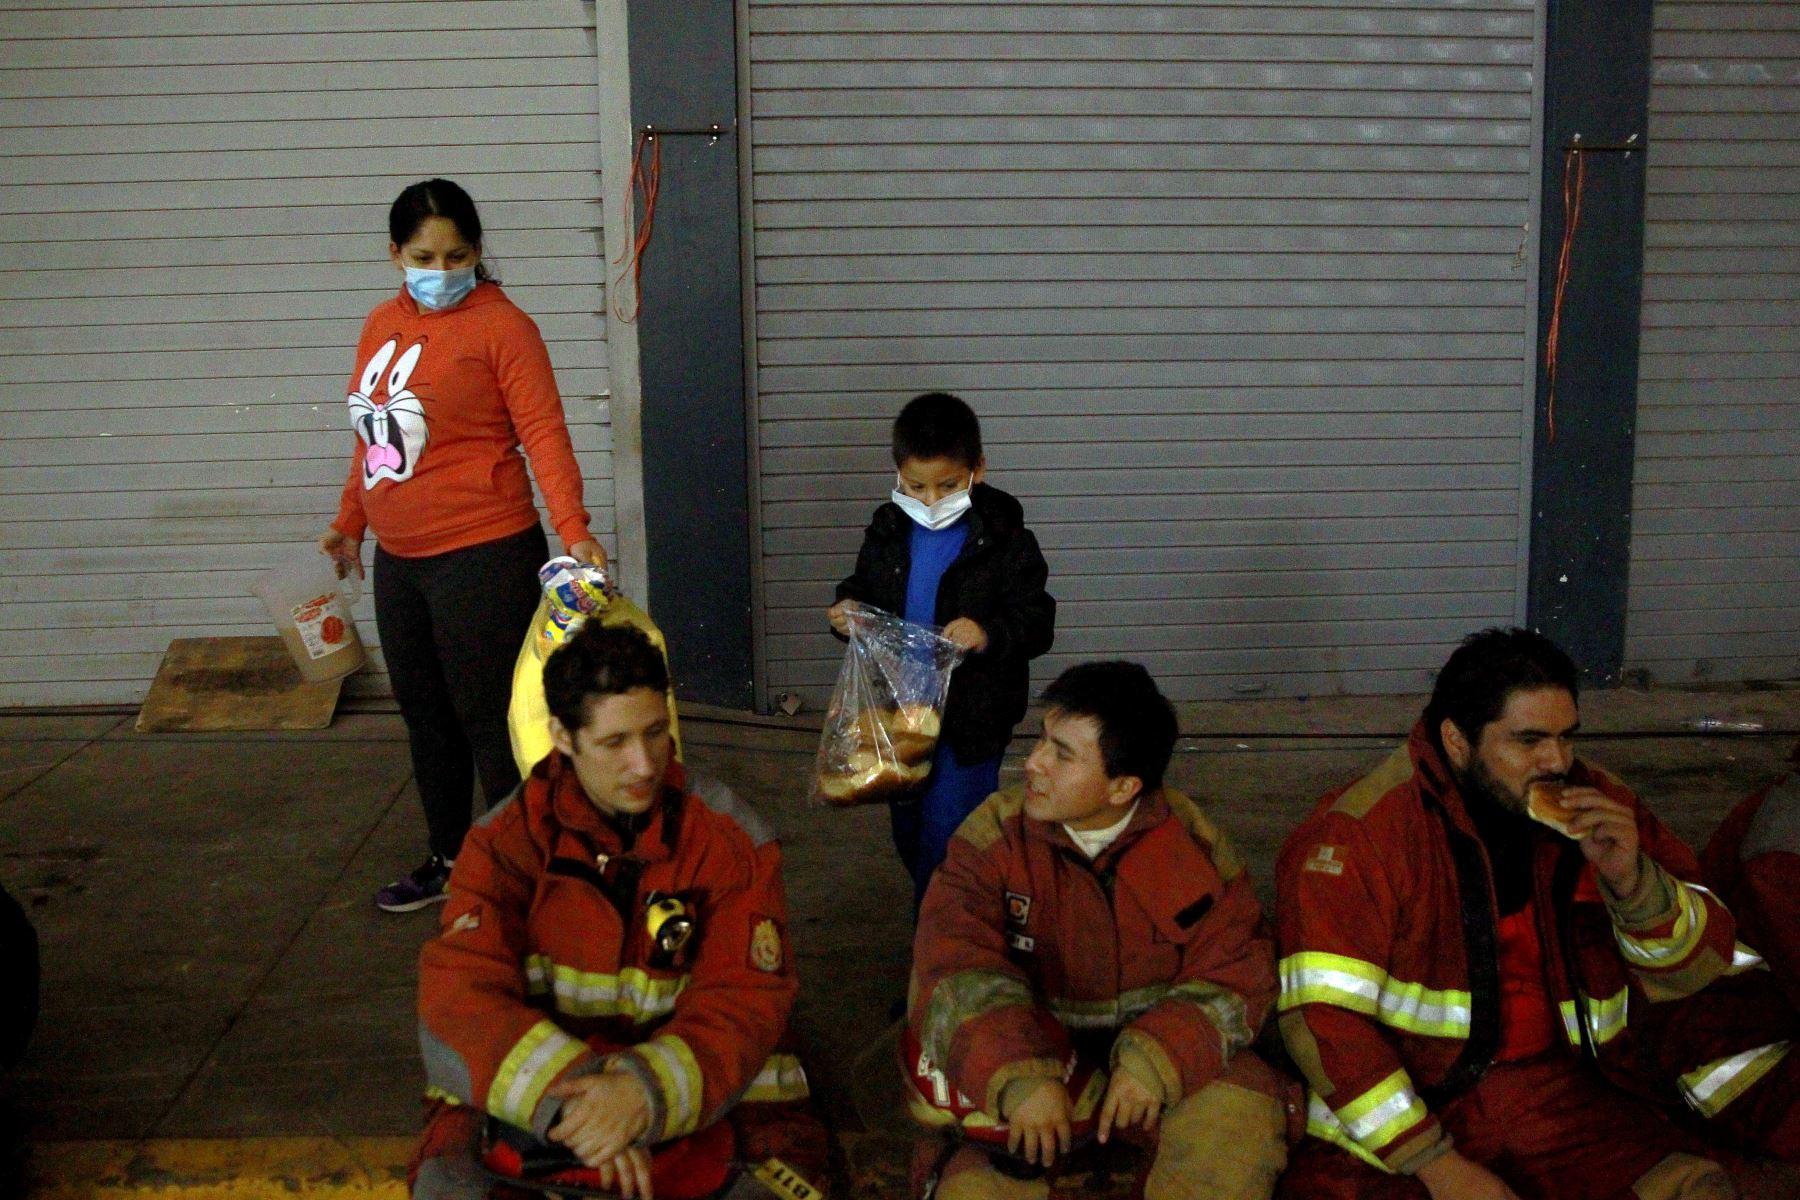 LIMA PERÚ, JUNIO 23. Bomberos continúan luchando por controlar el incendio en la galería Nicolini, en Las Malvinas, pese al cansancio y las largas horas de trabajo. Foto: ANDINA/Luis Iparraguirre